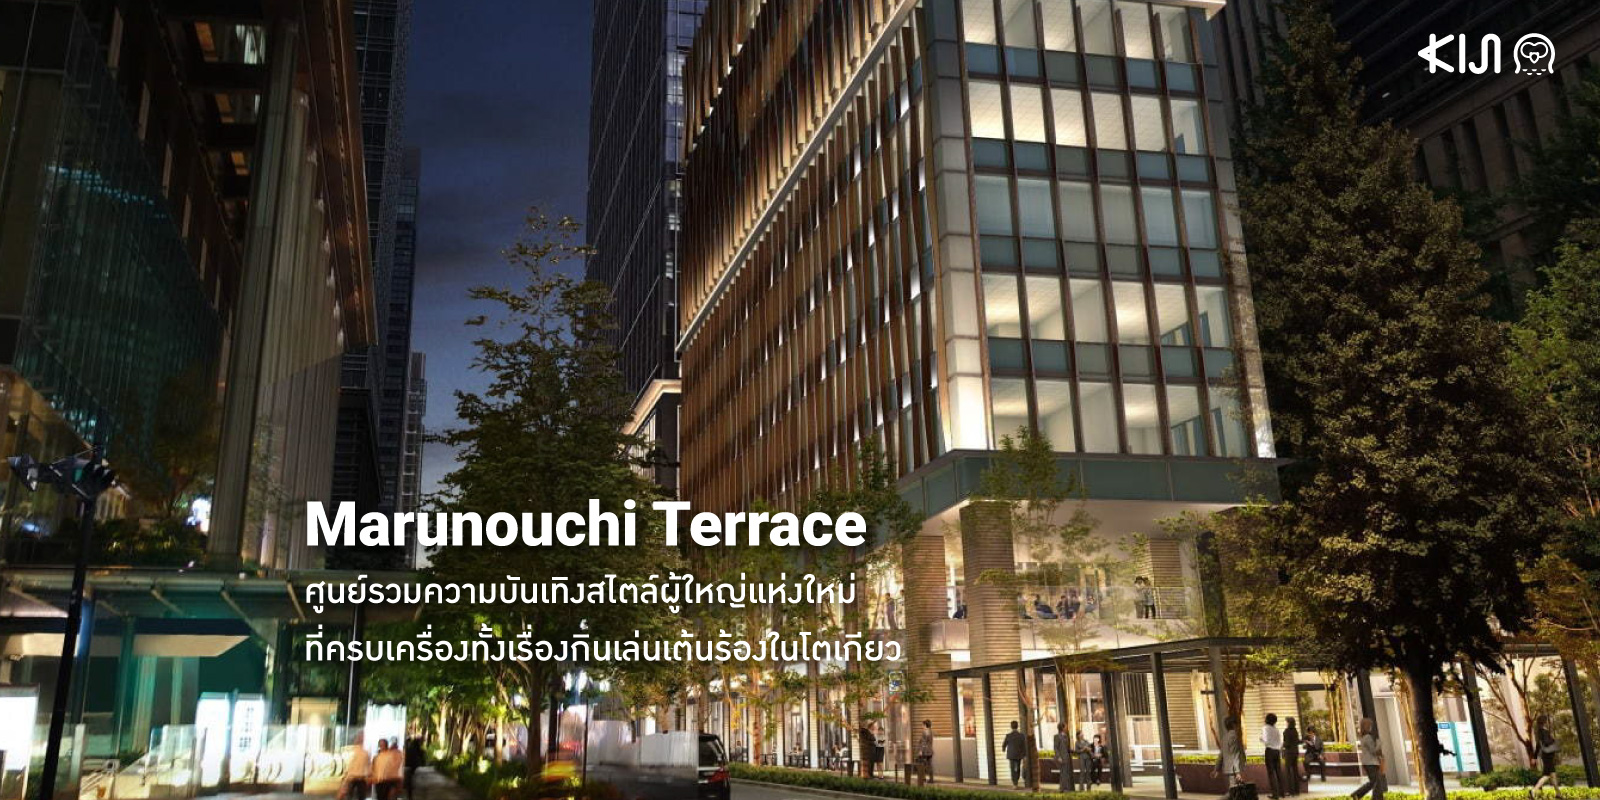 อาคาร Marunouchi Terrace ตั้งอยู่ในย่านมารุโนะอุจิ ใจกลางกรุงโตเกียว